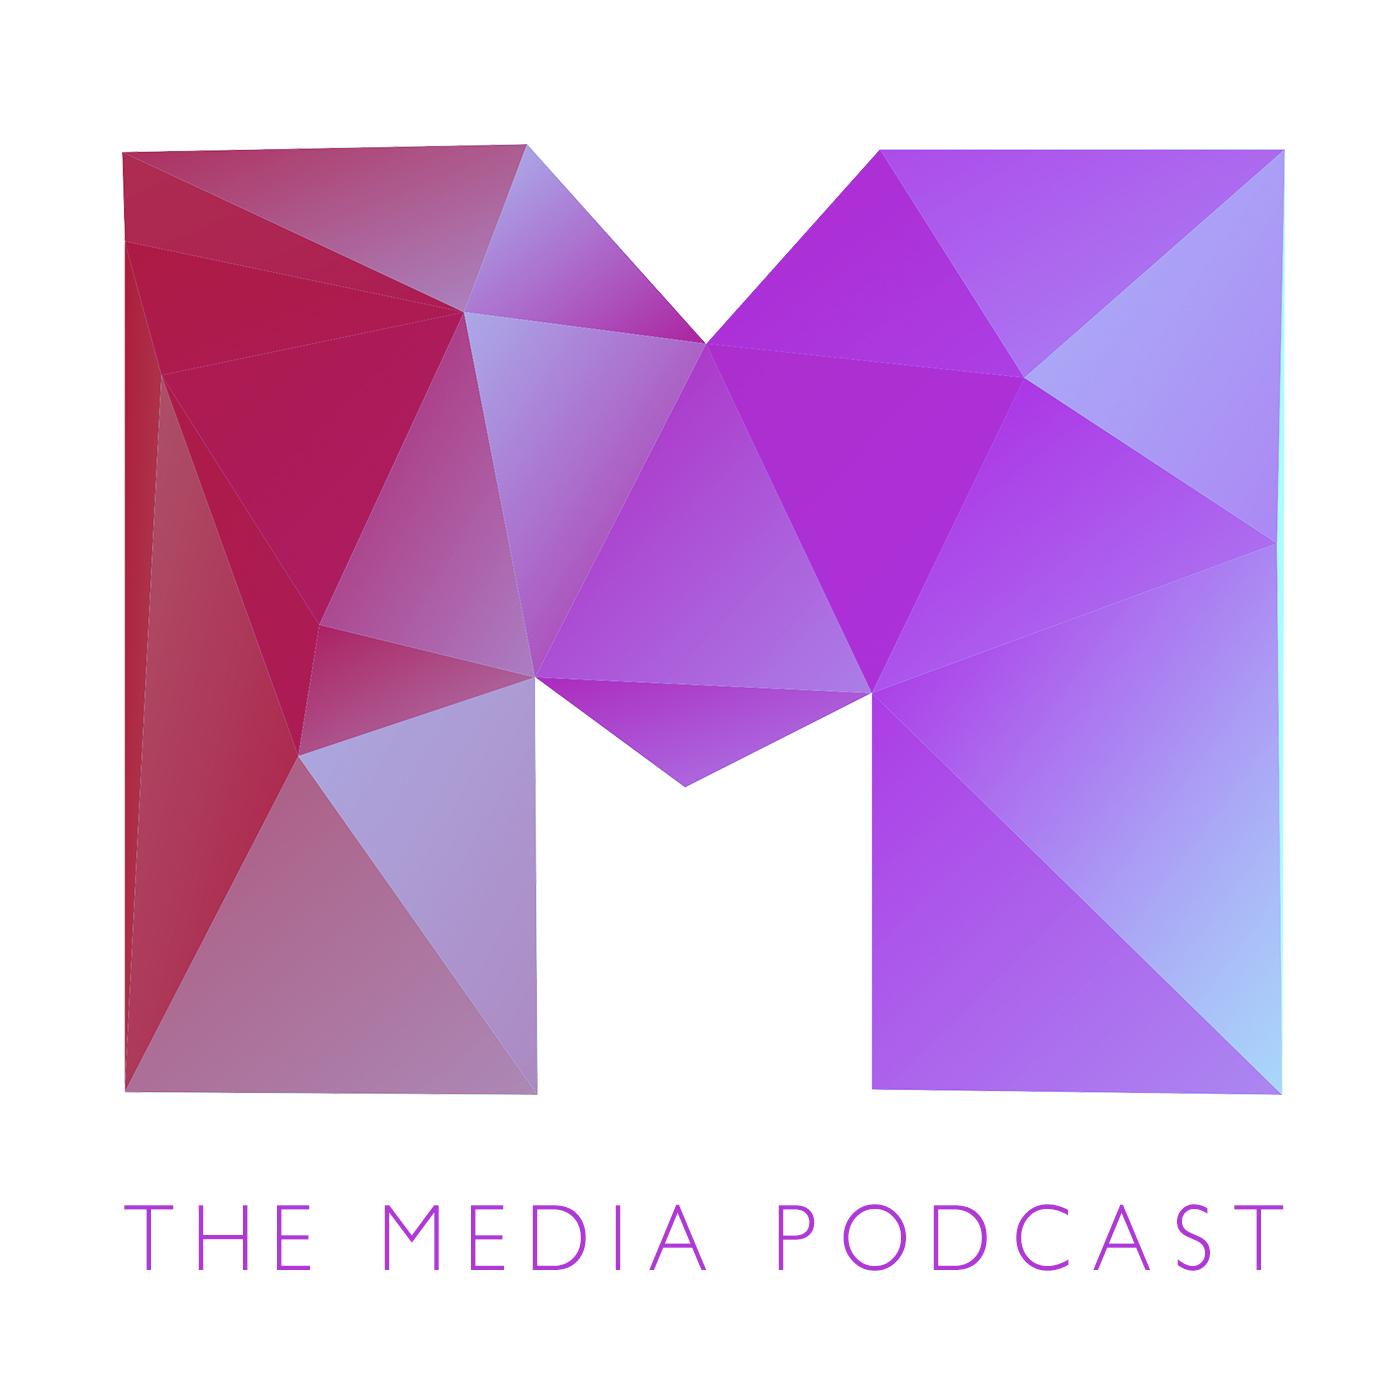 2014_08_22_media_podcast_tile_1400x1400_01.jpg